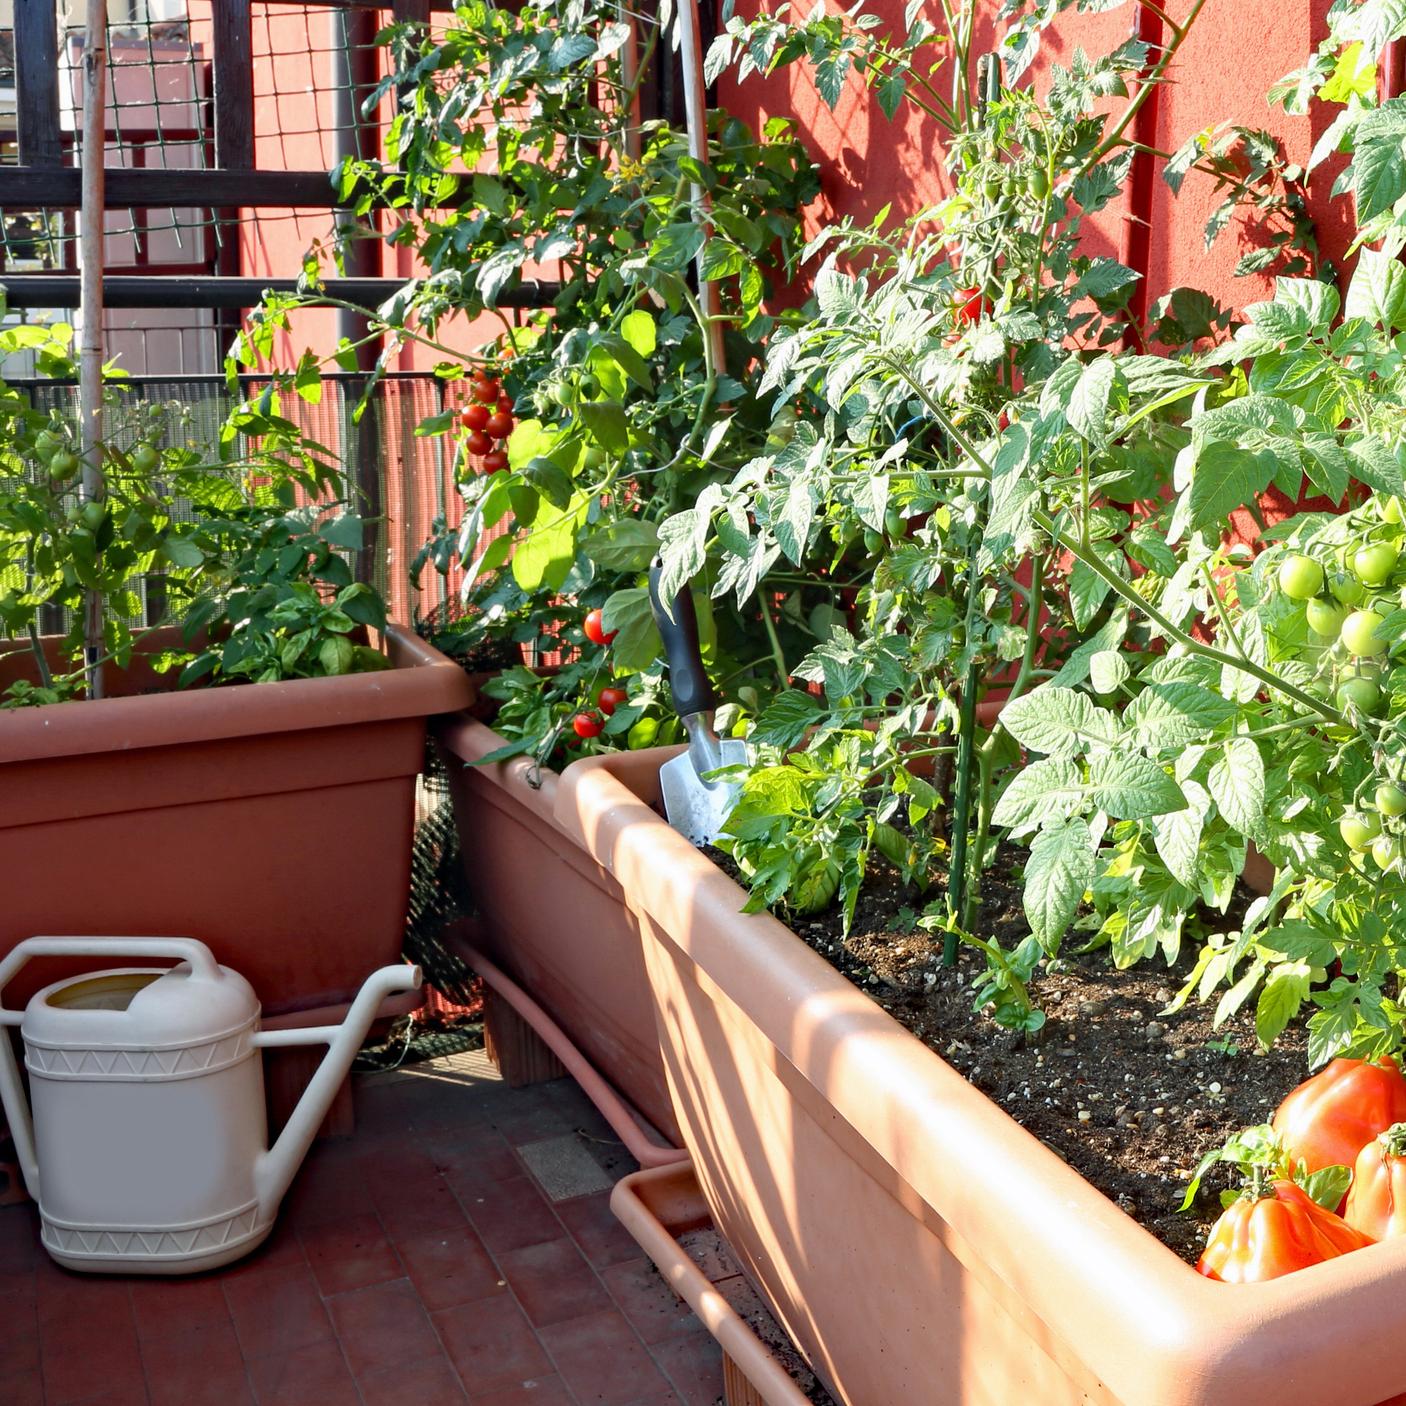 Comment Aménager Un Jardin Potager Sur Son Balcon ? – La ... dedans Faire Un Jardin Sur Son Balcon